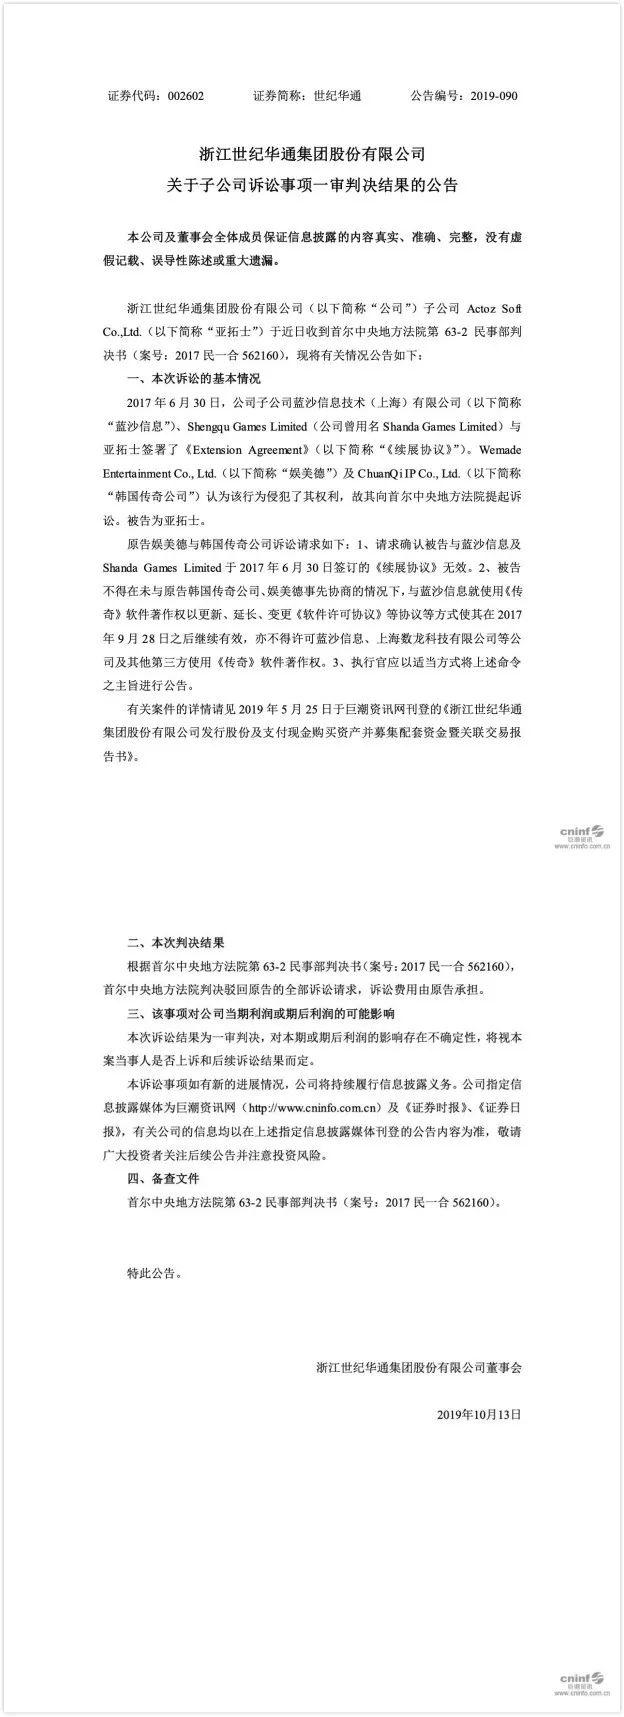 娱美德韩国本土再次败诉  盛趣游戏《传奇》独